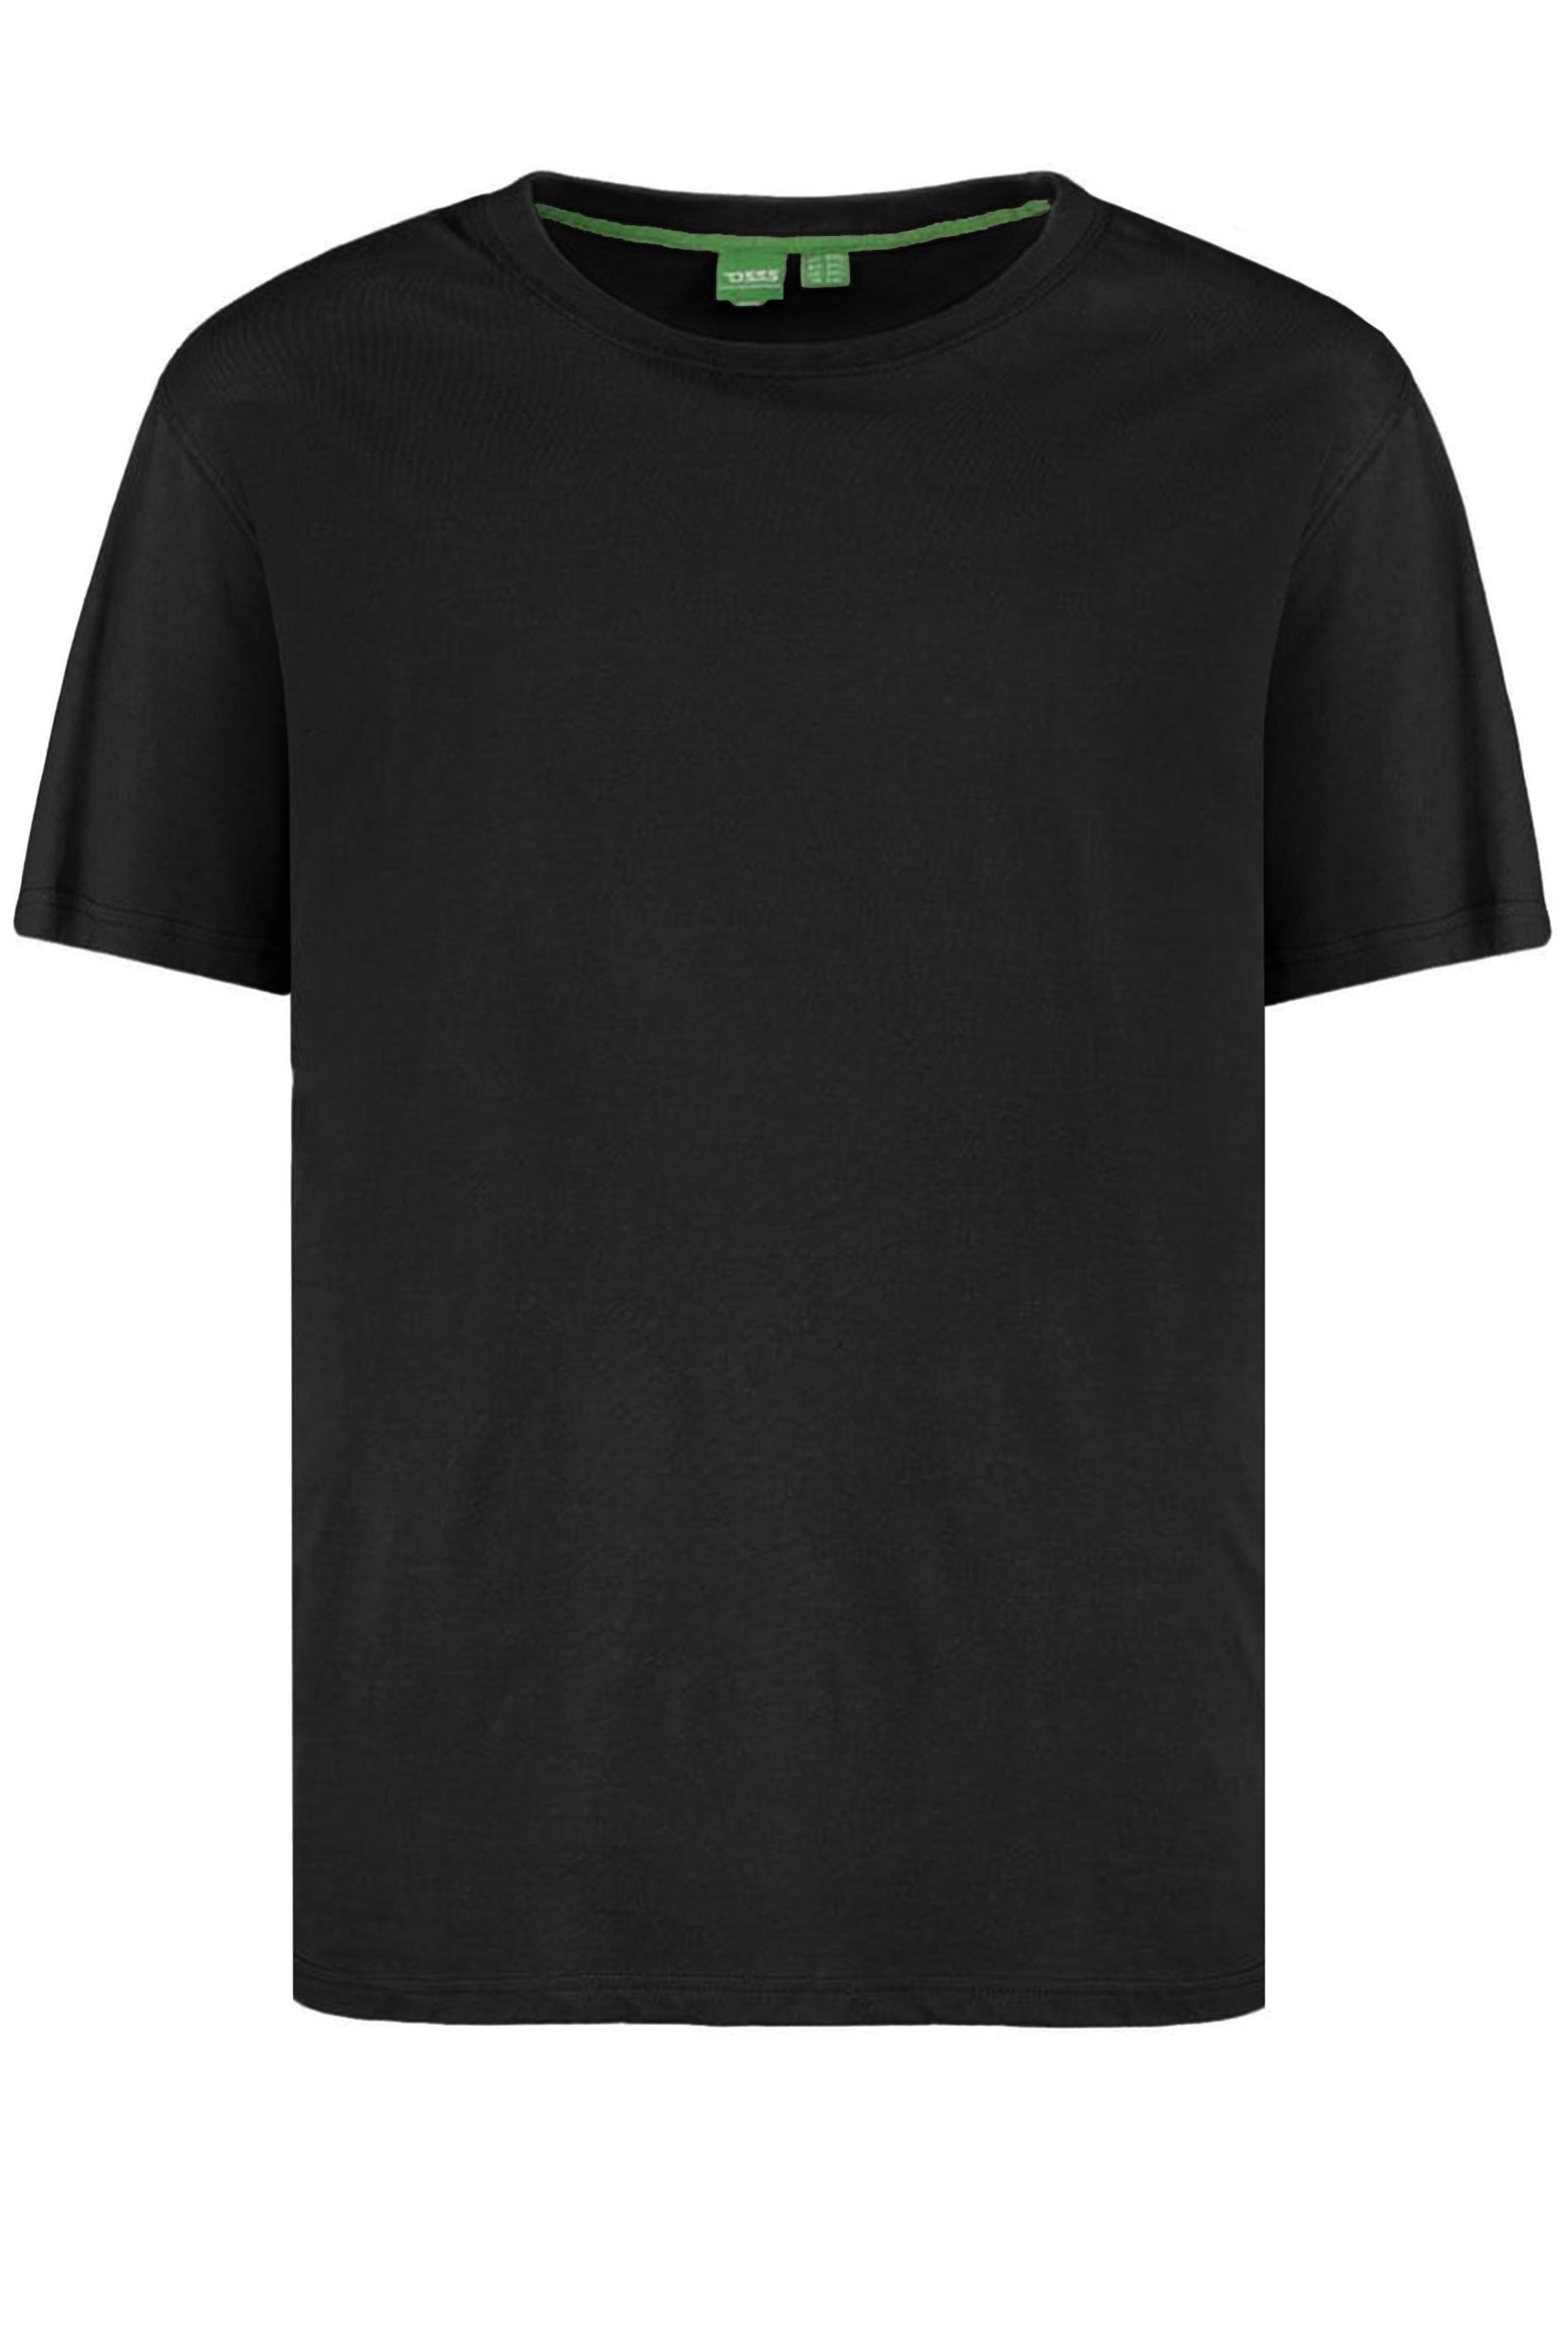 D555 Black Duke Basic T-Shirt